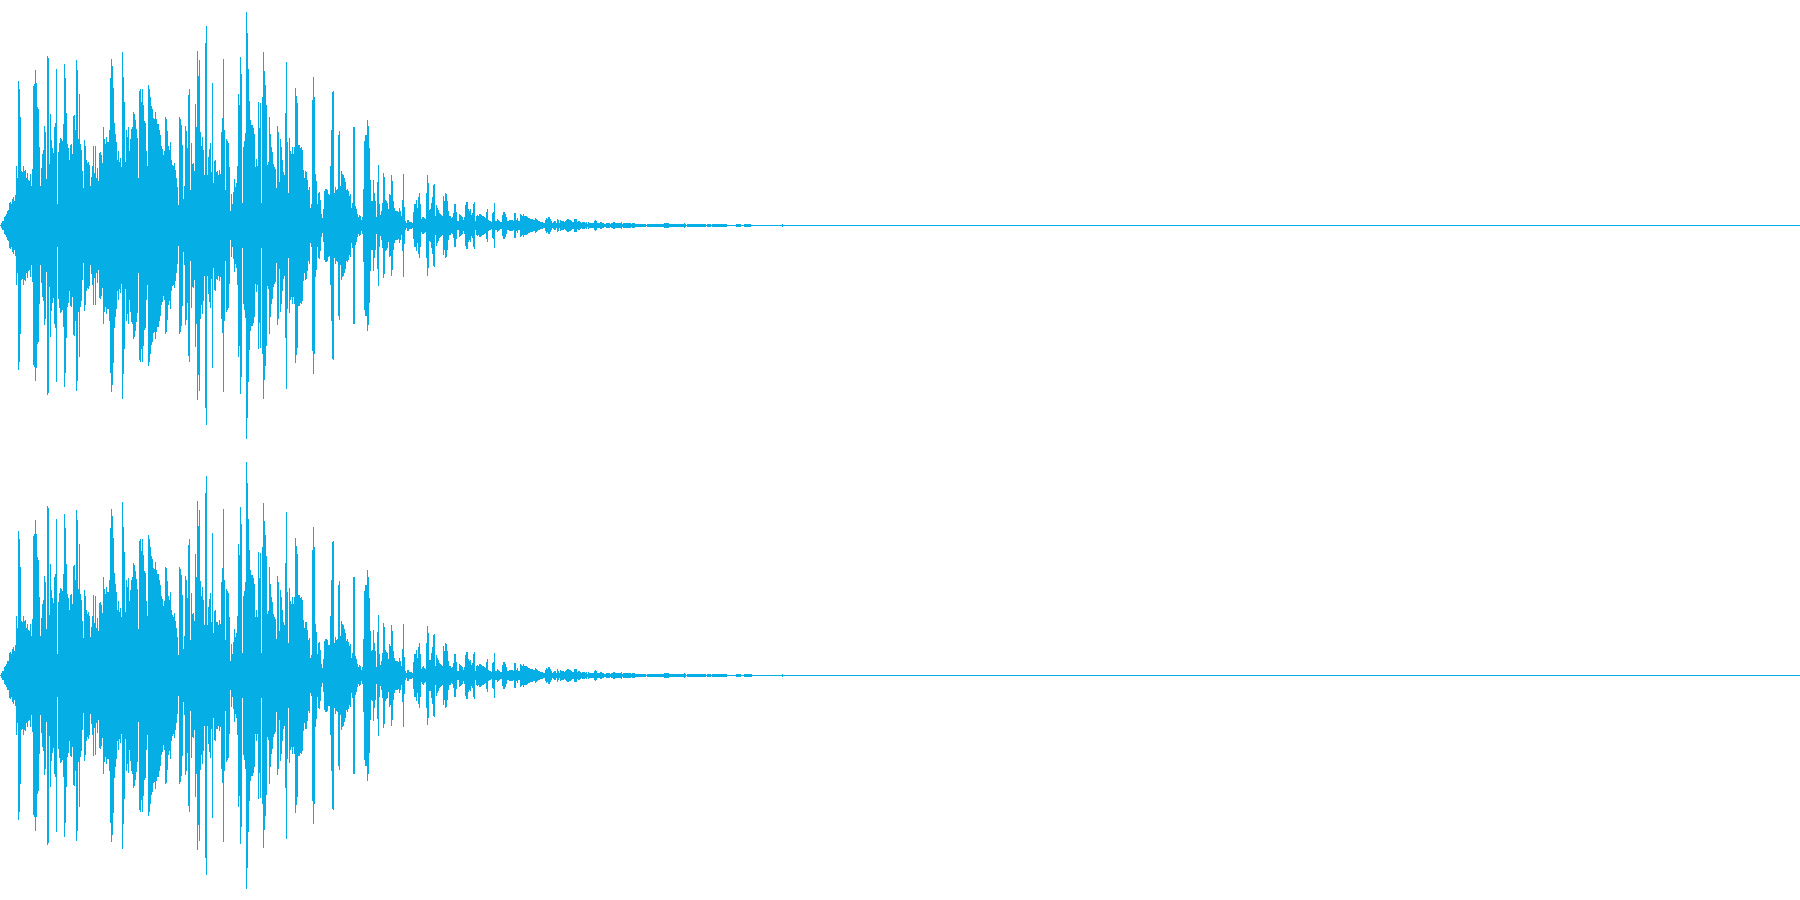 打撃音(マイナス_低音_ダメージ)の再生済みの波形